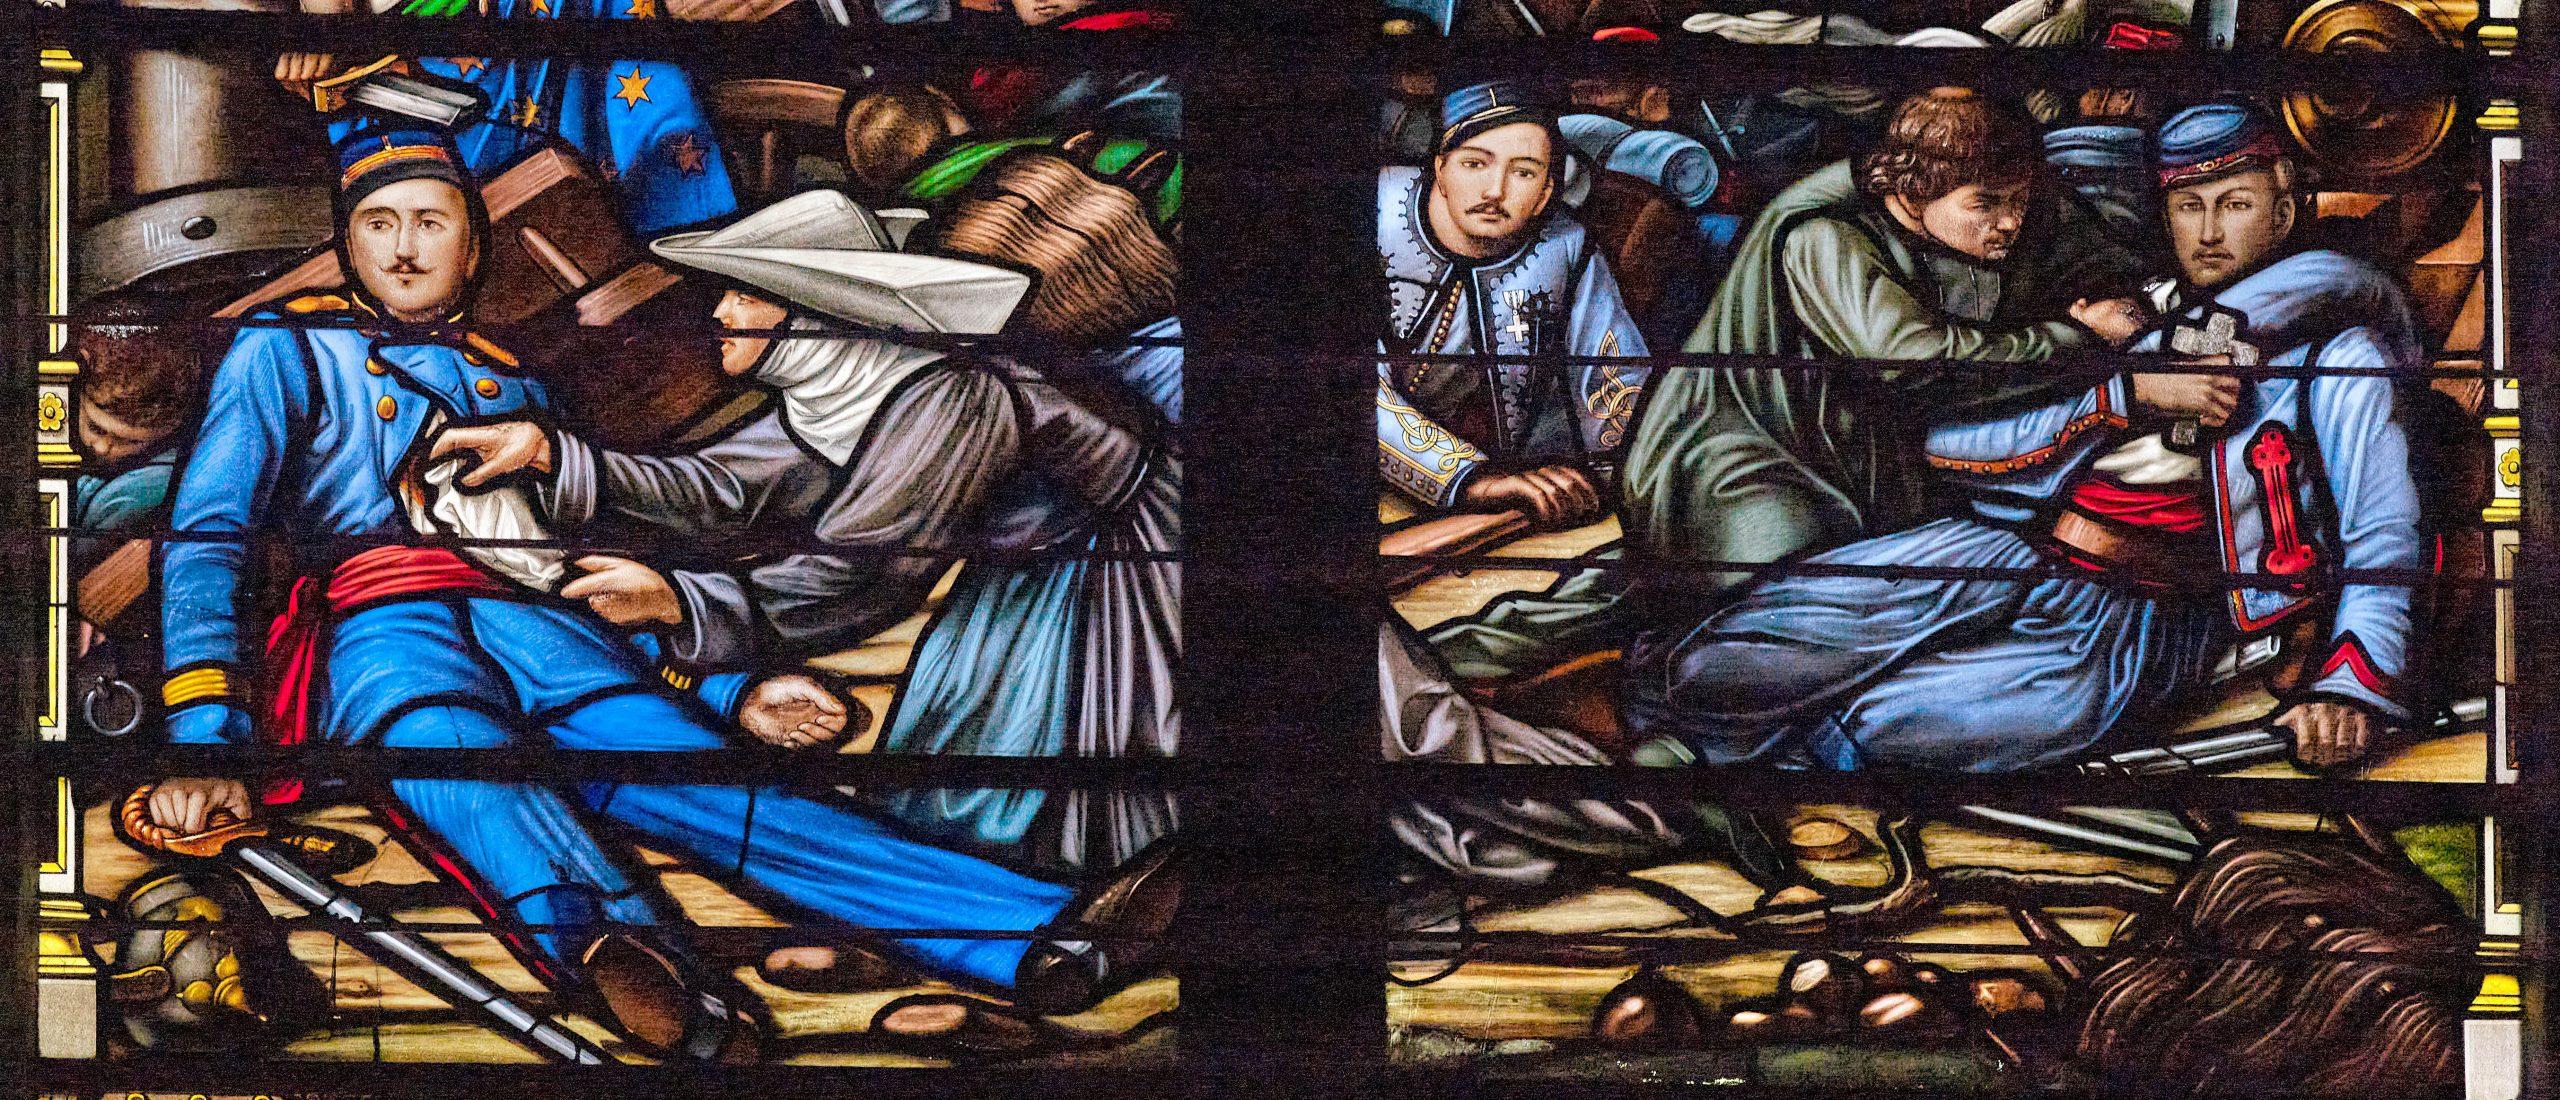 Vitrail représentant la bataille d'Autours dans la basilique Notre-Dame-de-Bon-Secours à Guingamp (Côtes d'Armor) © Région Bretagne